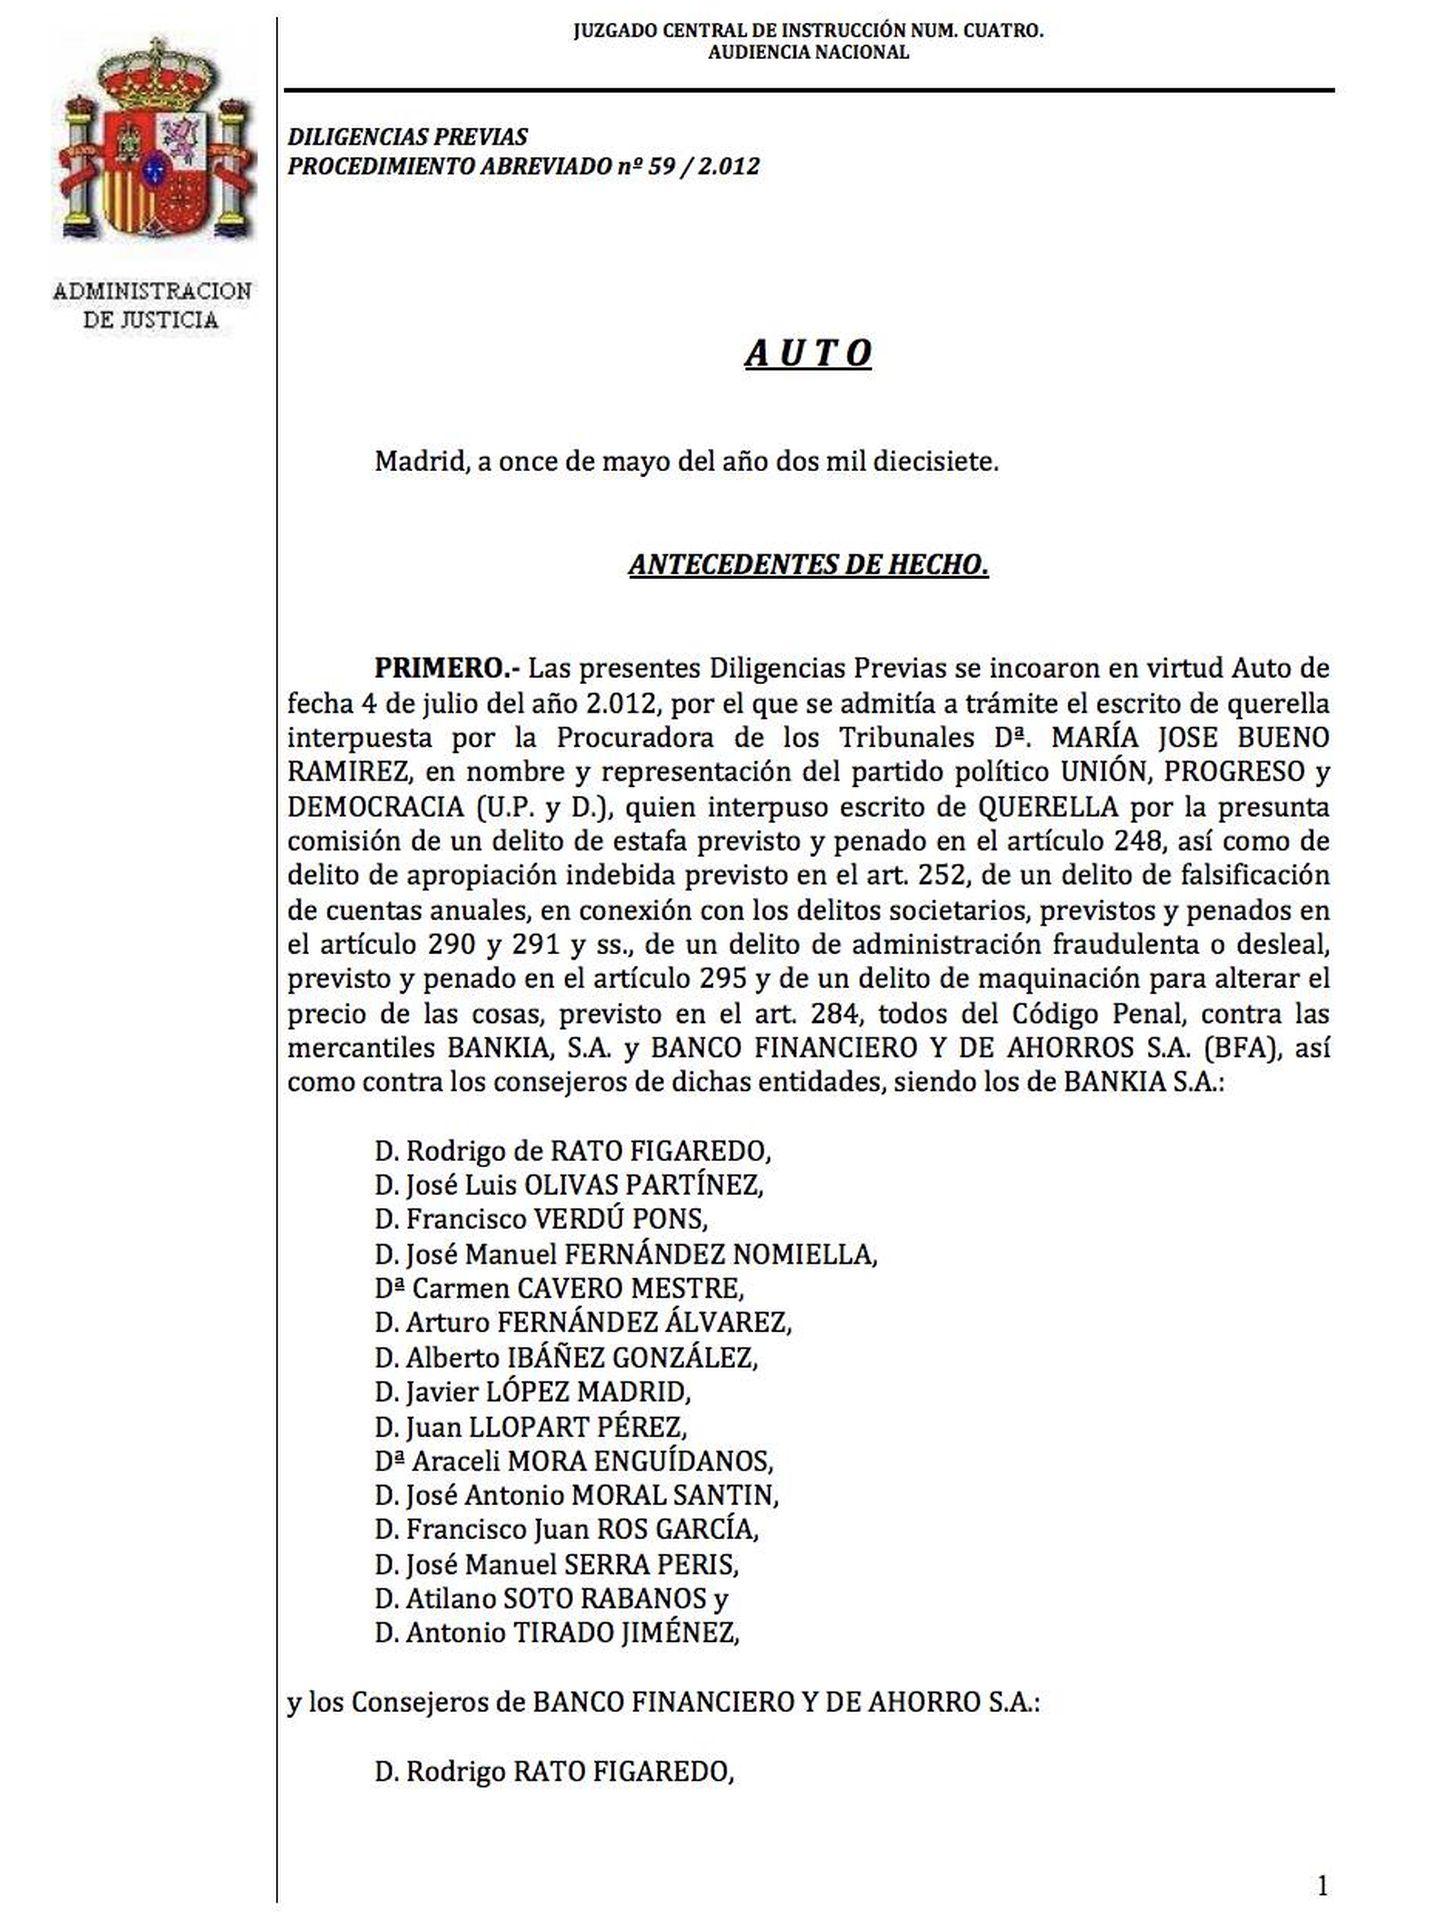 Pinche en la imagen para leer el auto del magistrado Fernando Andreu sobre la salida a bolsa de Bankia